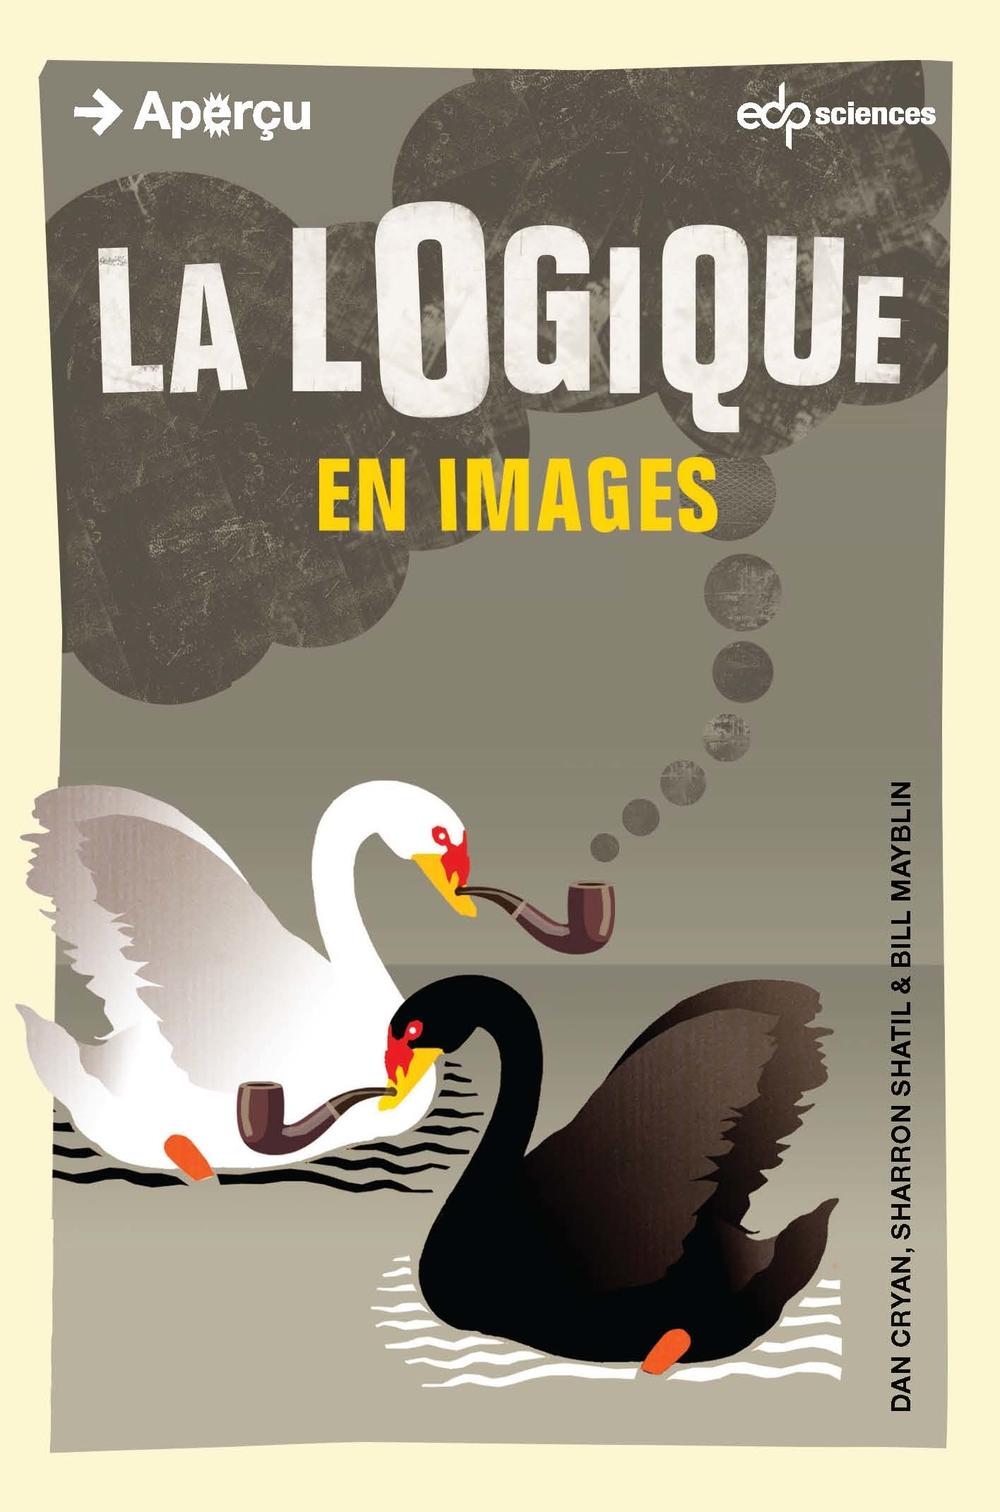 La logique en images